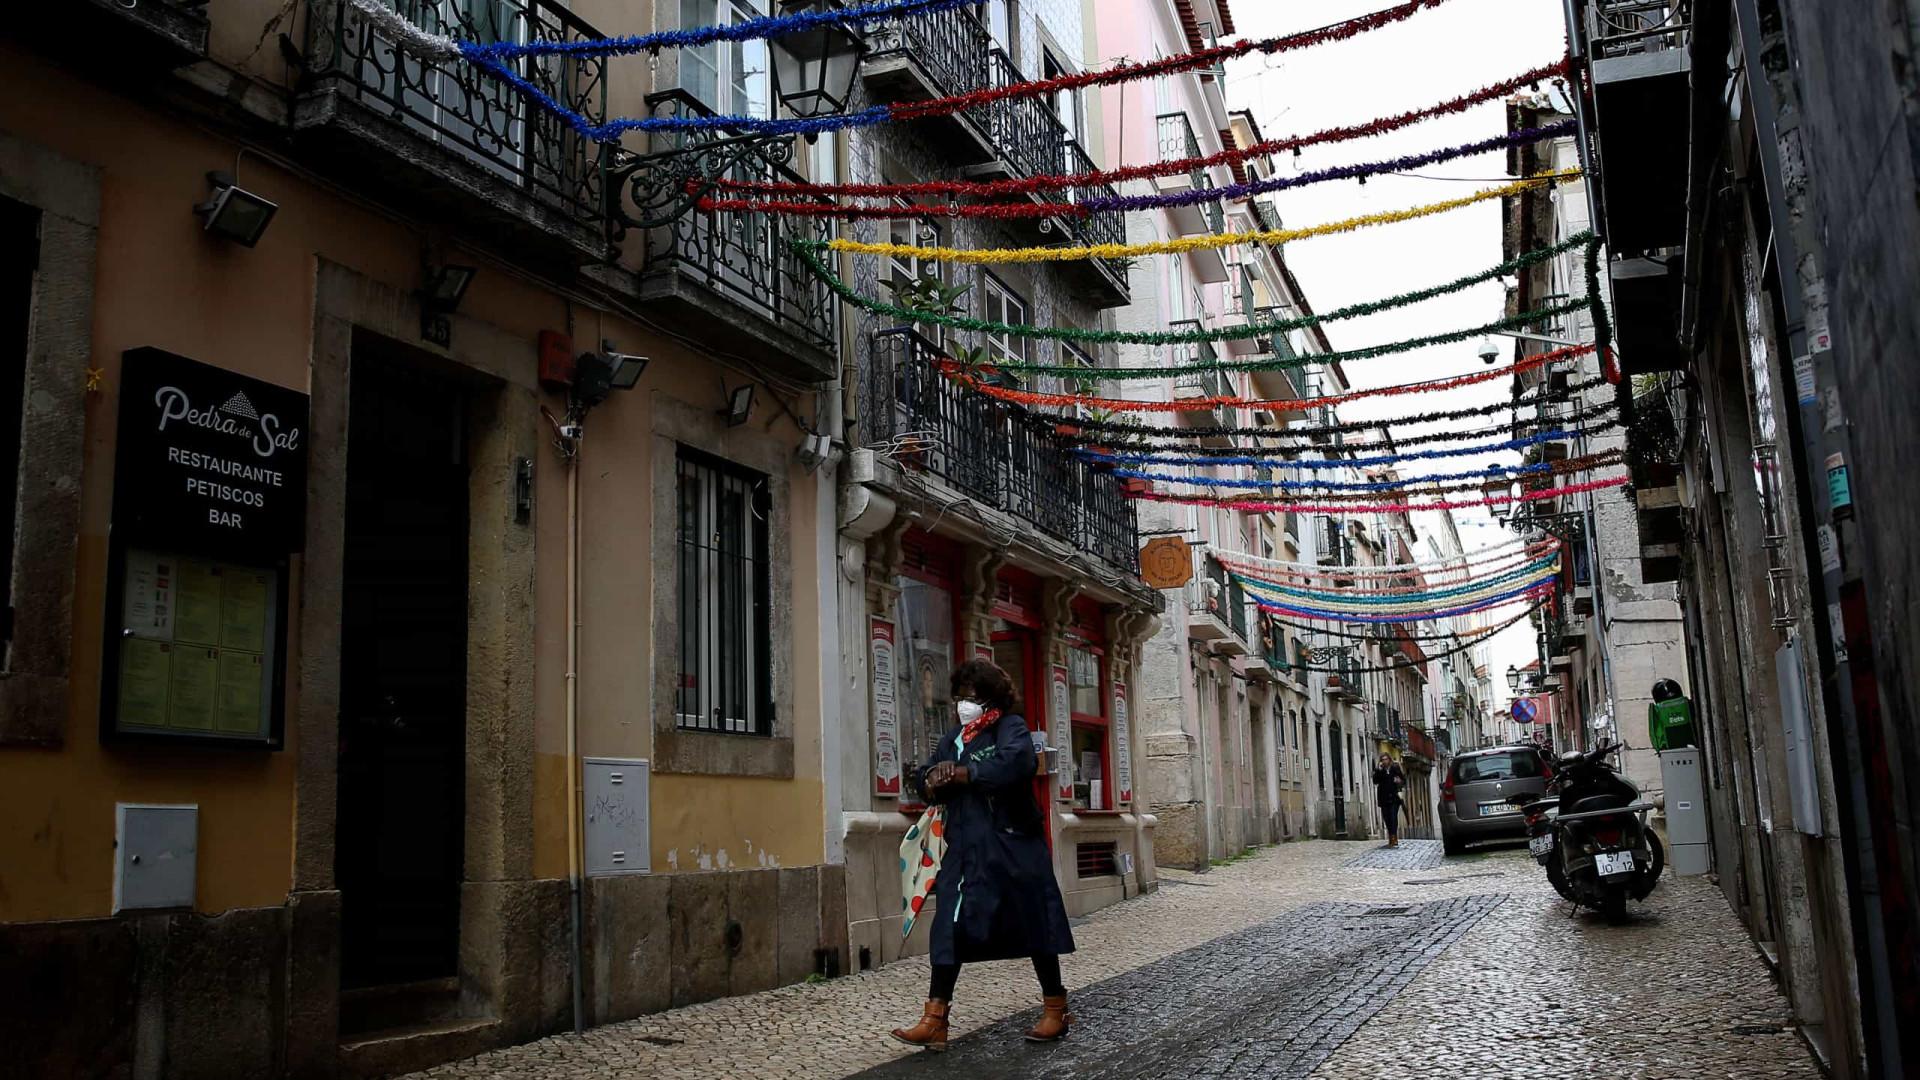 Governo põe Lisboa em alerta devido a aumento de casos de Covid-19